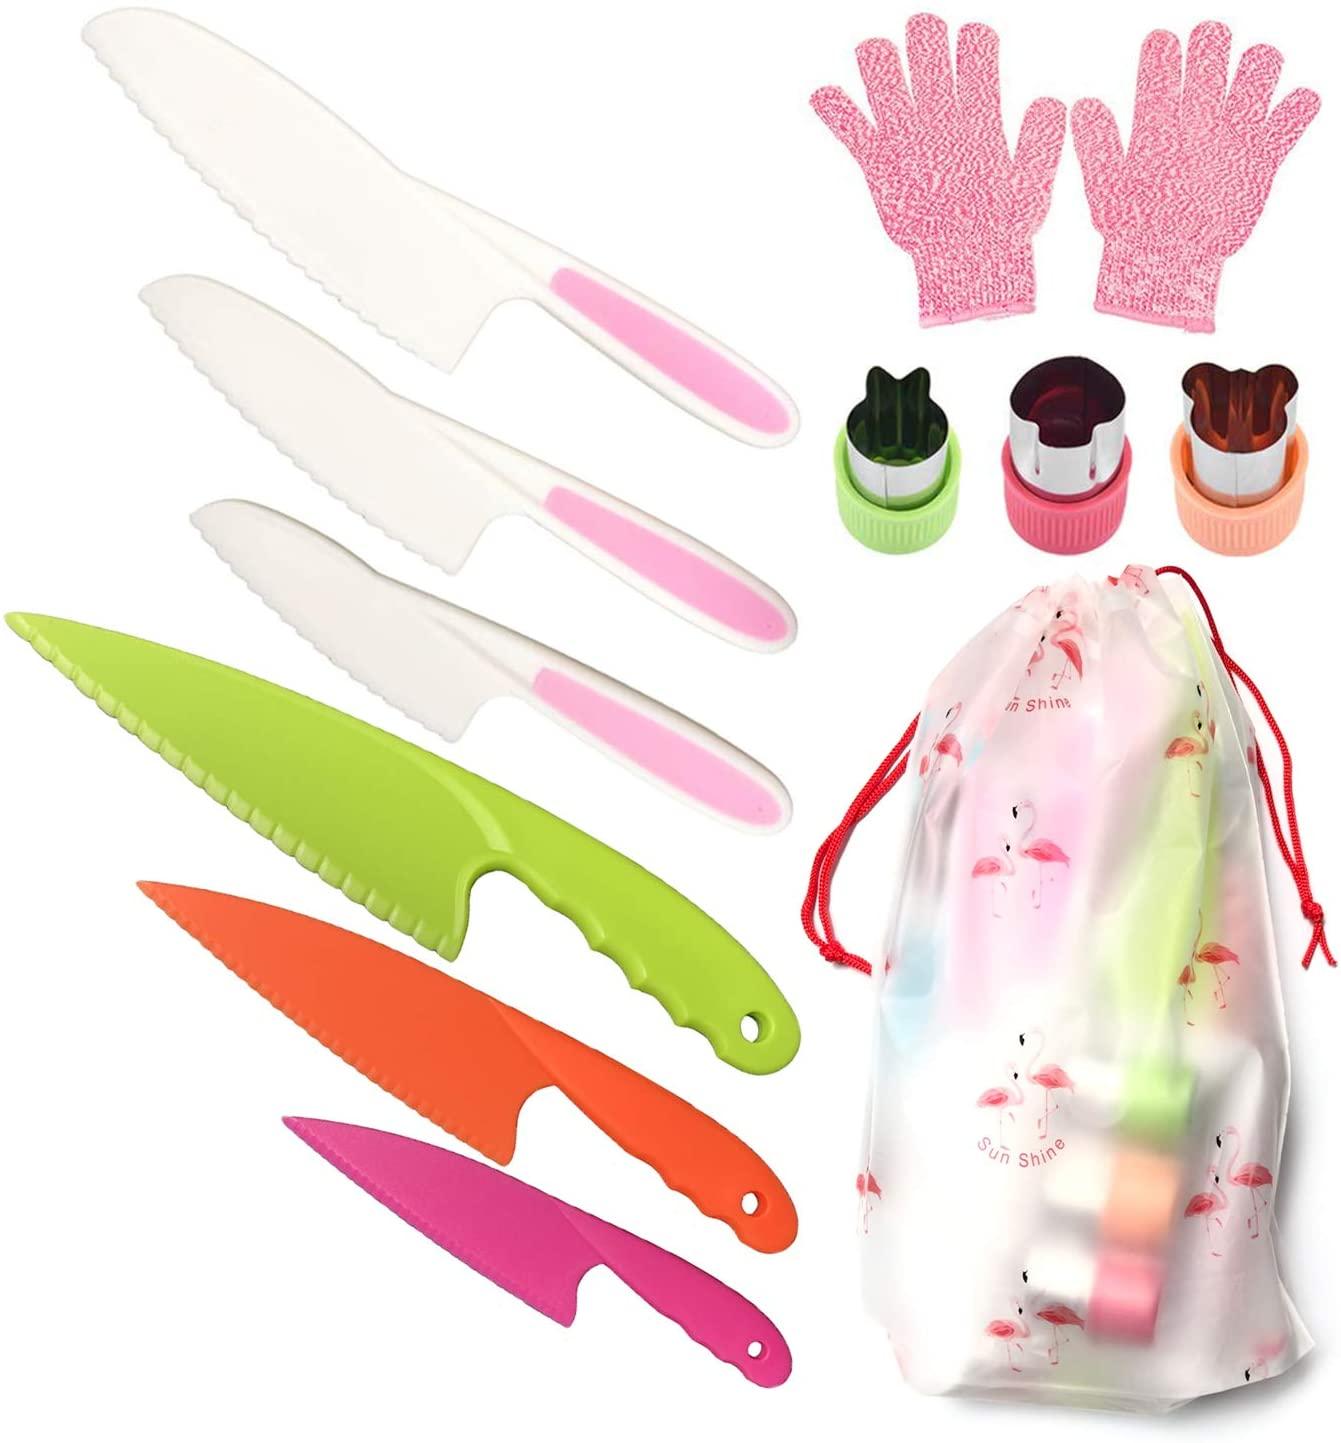 Pocomoco Kids Kitchen Knife Set Children Safe Cooking Plastic Knives Set (Ages 6-12)